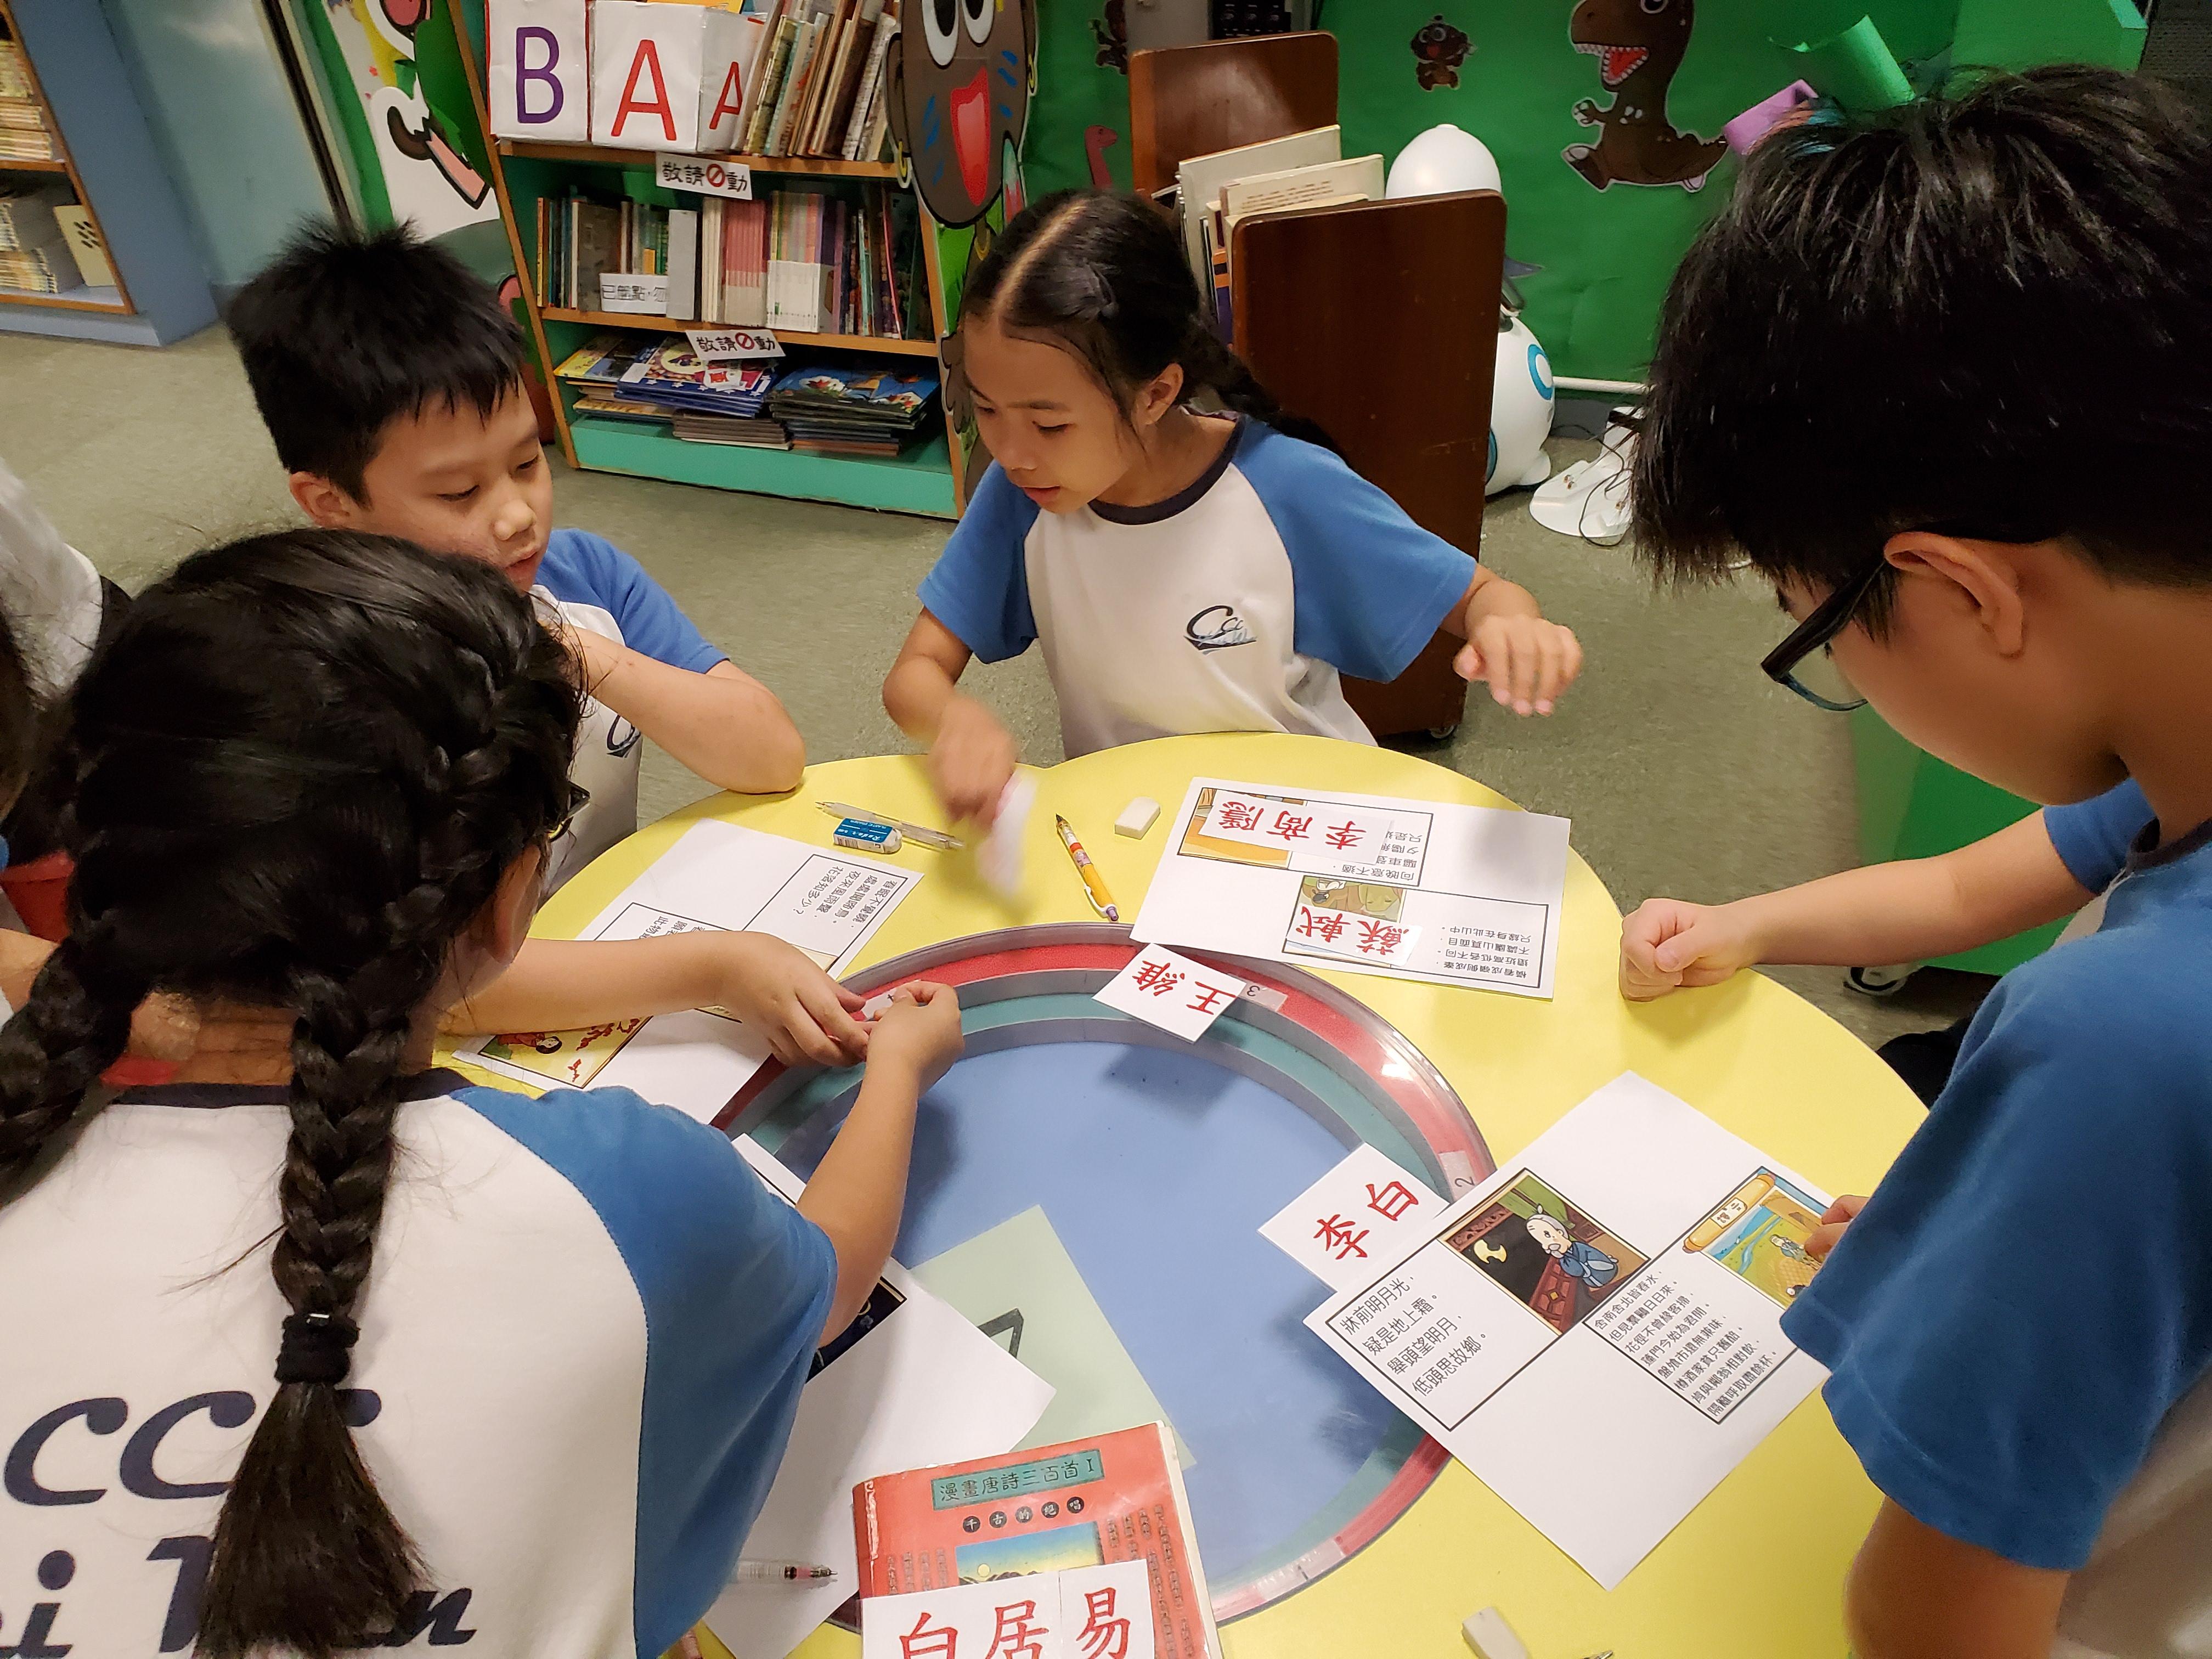 http://www.keiwan.edu.hk/sites/default/files/20191023_145947.jpg